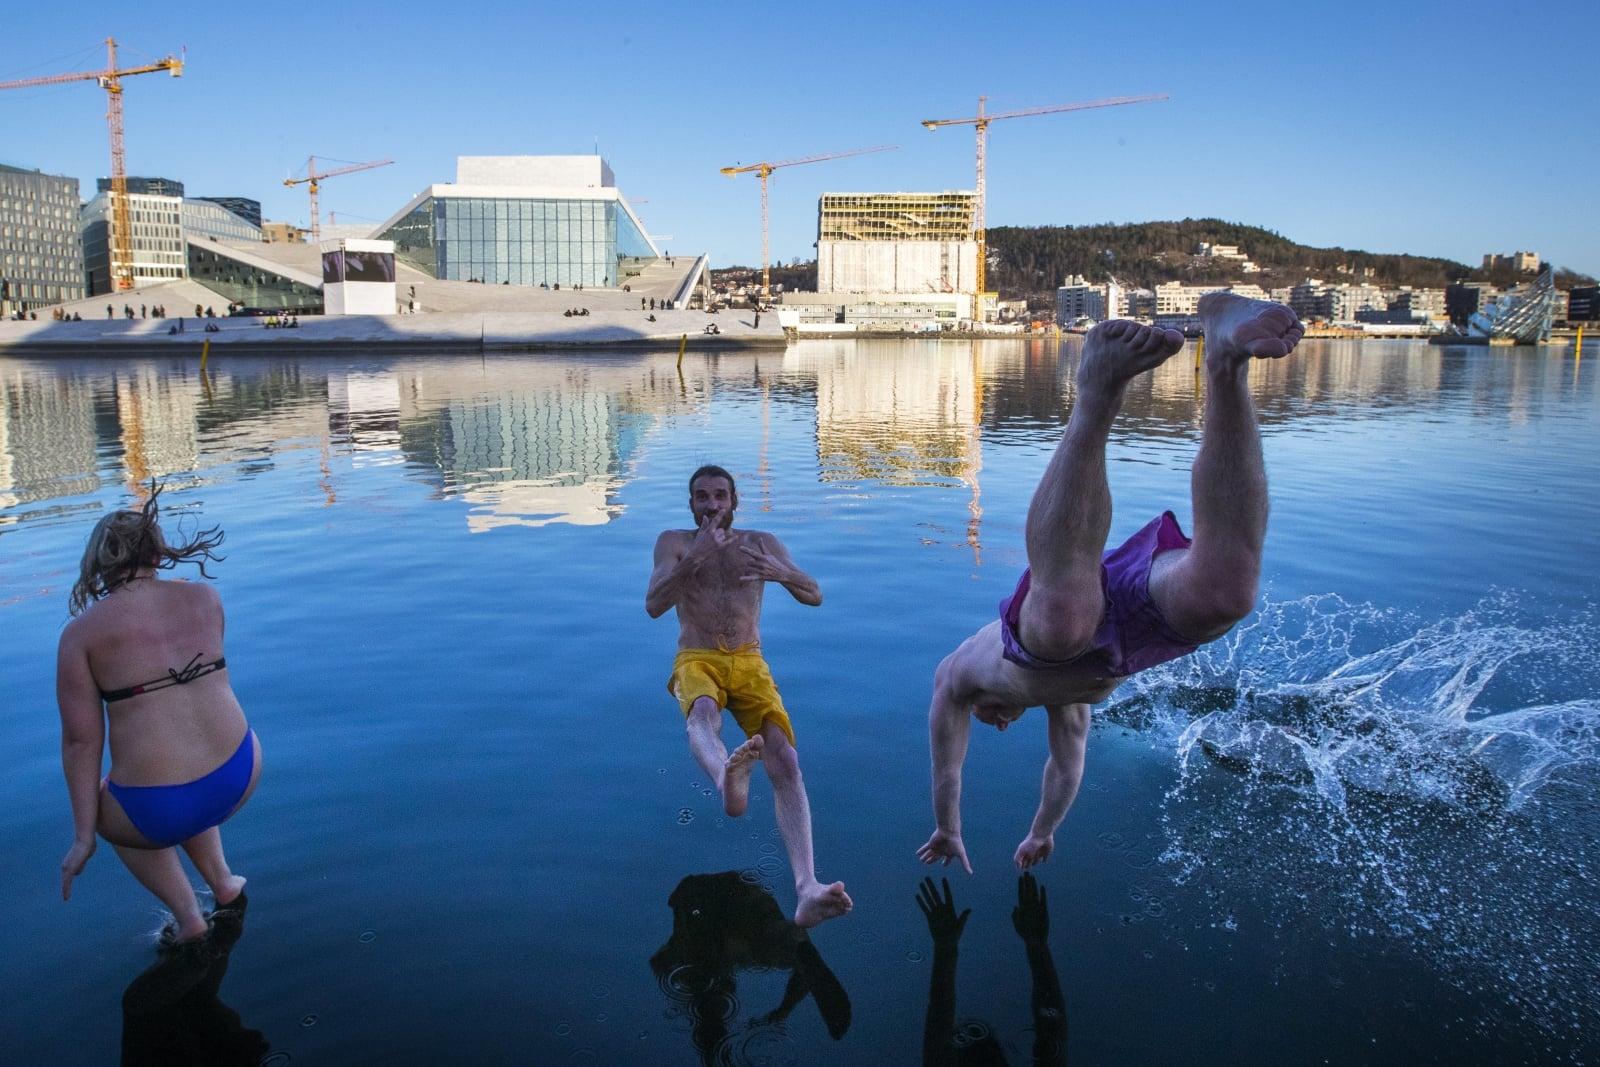 Norwegowie skaczą do zimnego morza na zewnątrz Opery, Oslo, Norwegia.